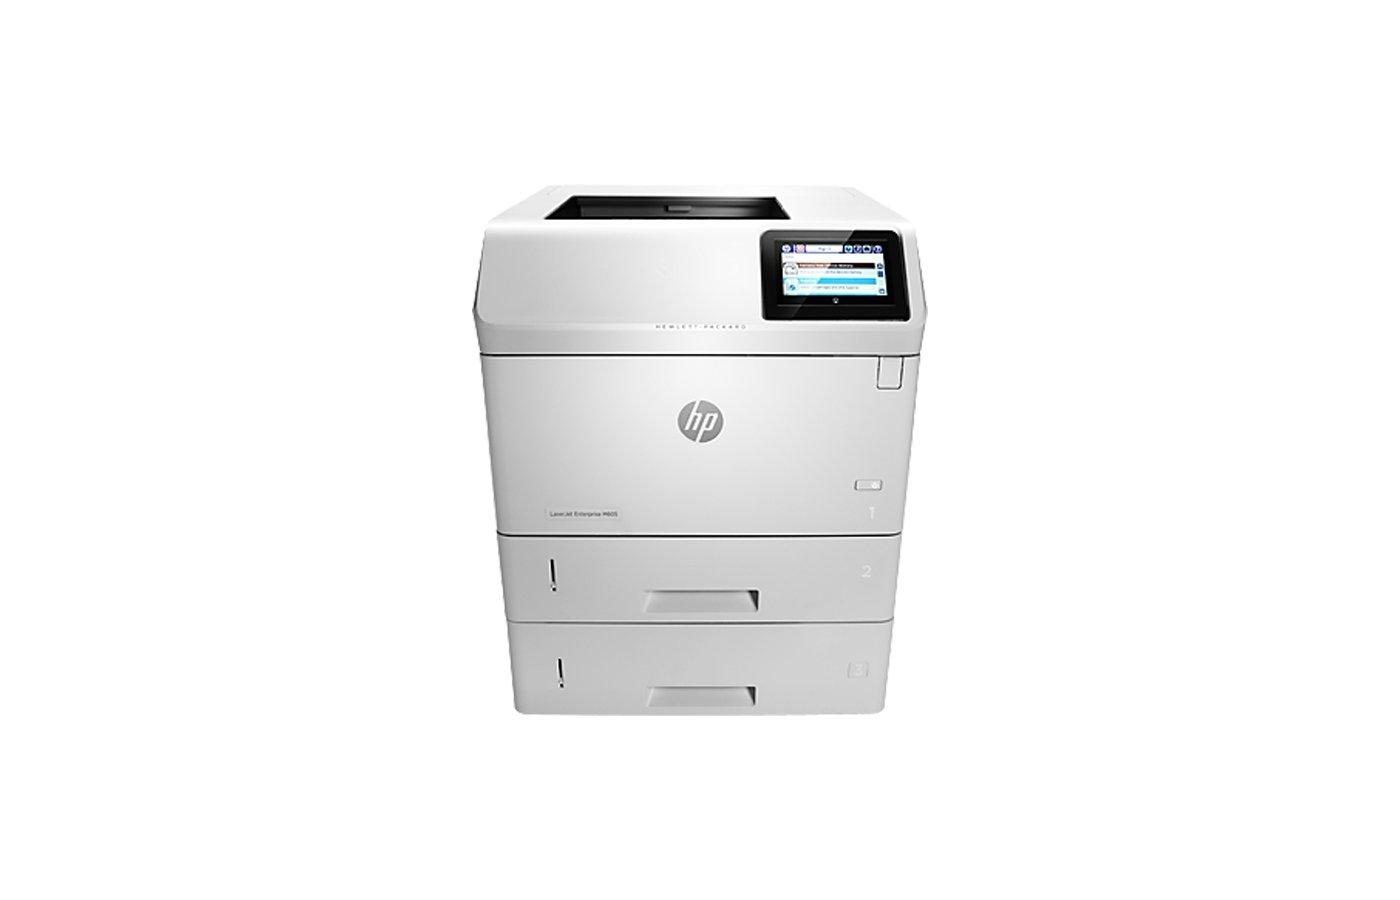 Принтер HP LaserJet Enterprise 600 M605x /E6B71A/